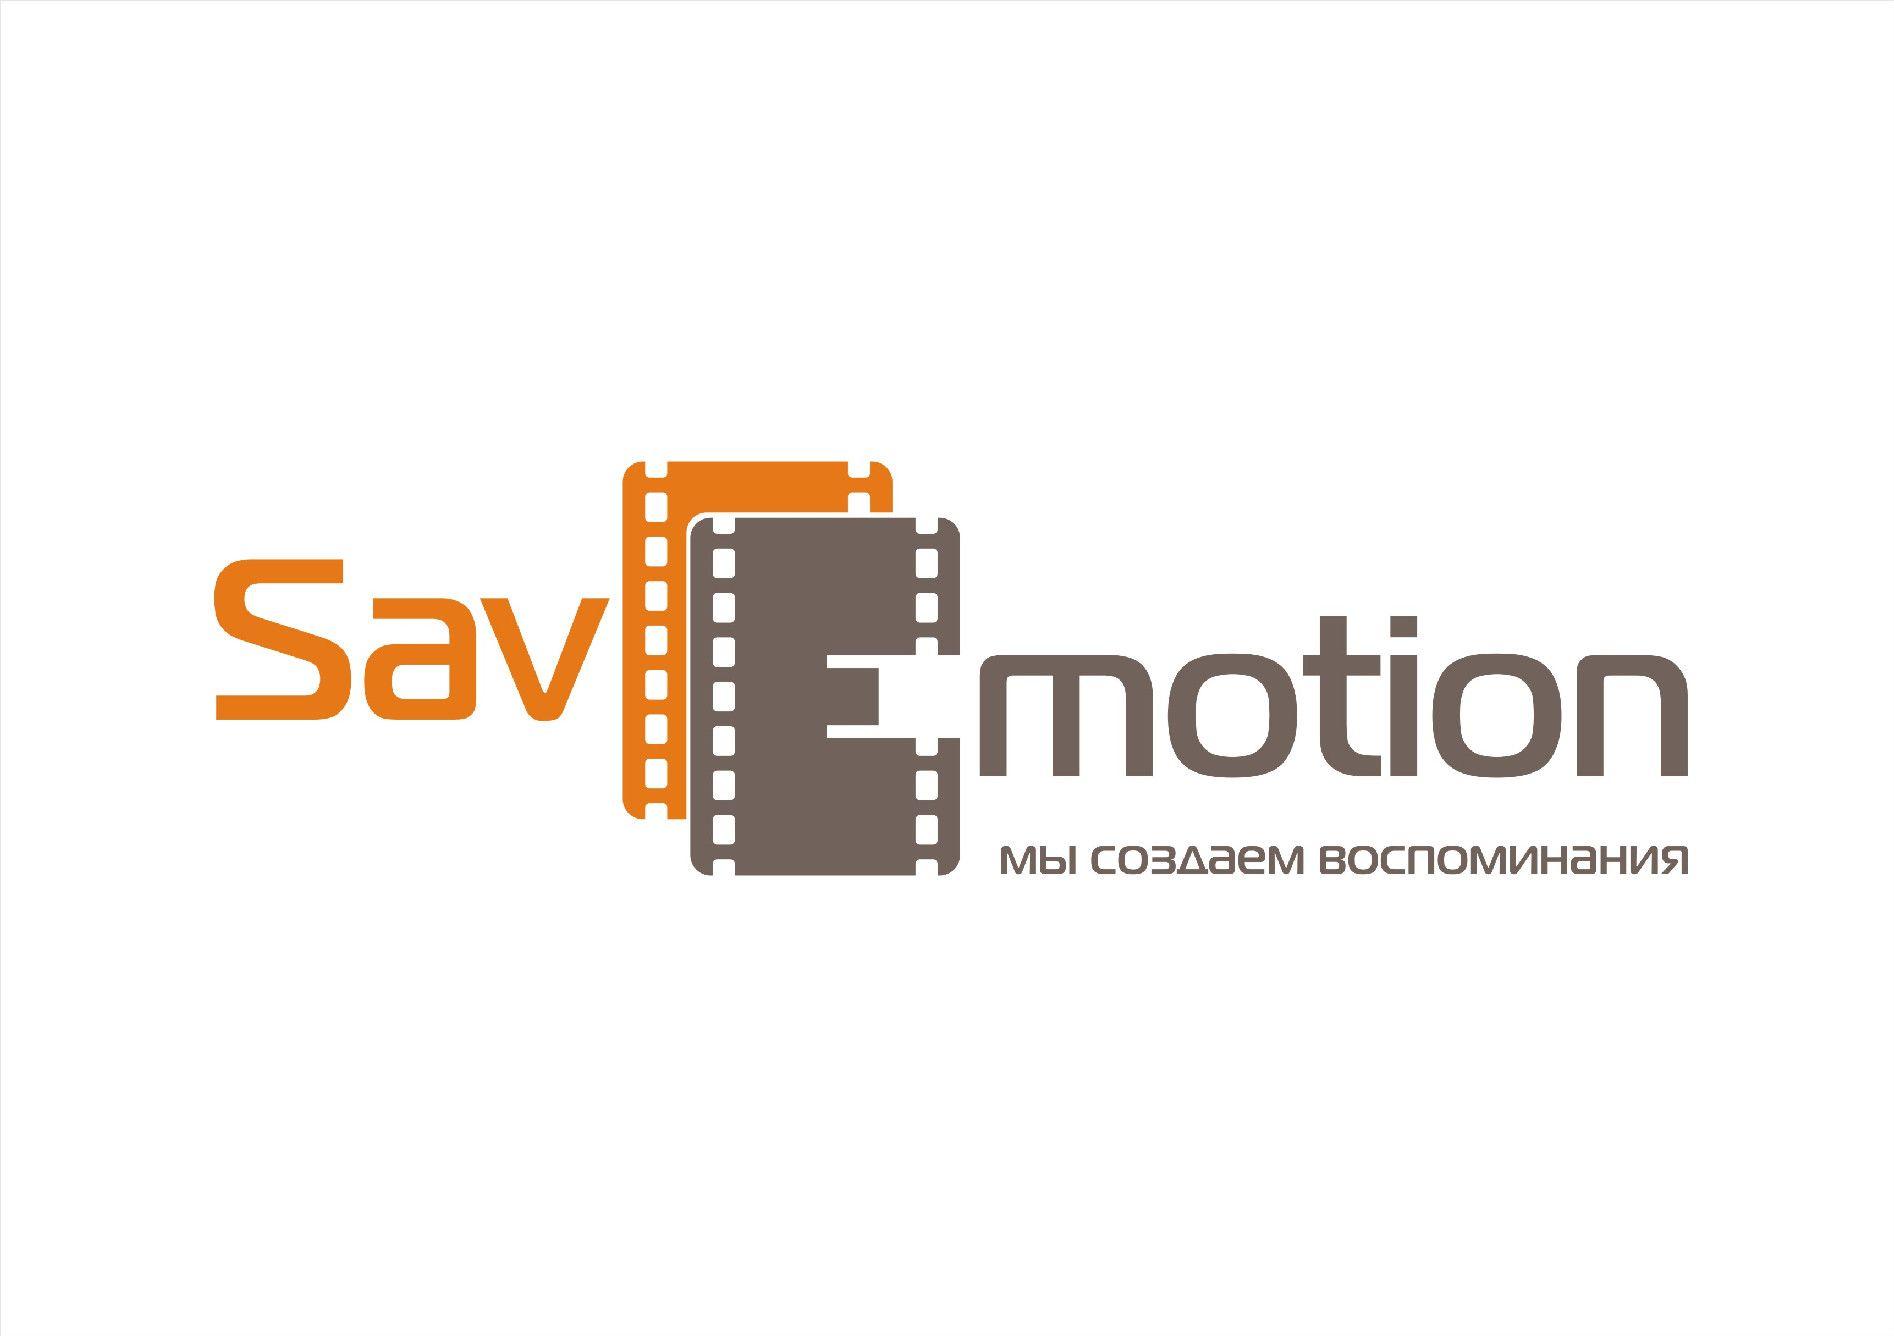 Логотип для фото и видео студии - дизайнер MagZak